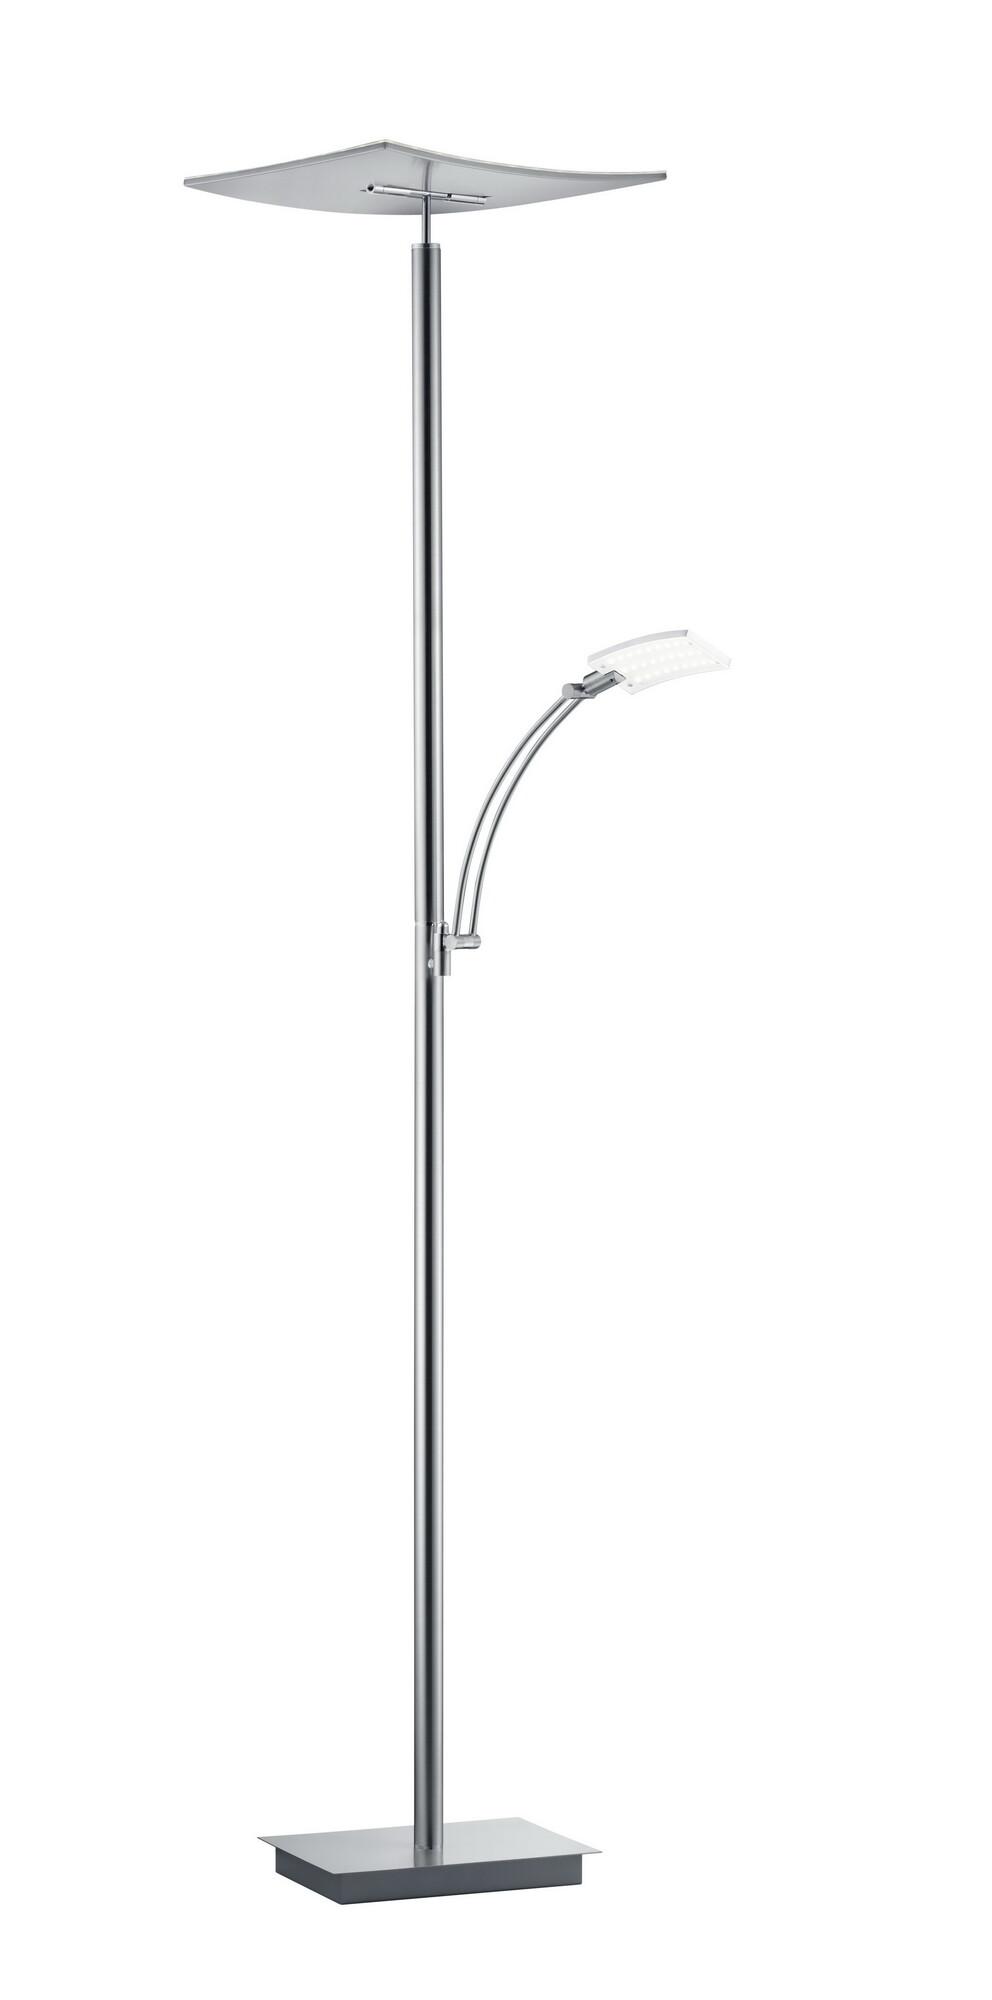 MODENA Lampadaire LED 2x36W/3500lm Argent